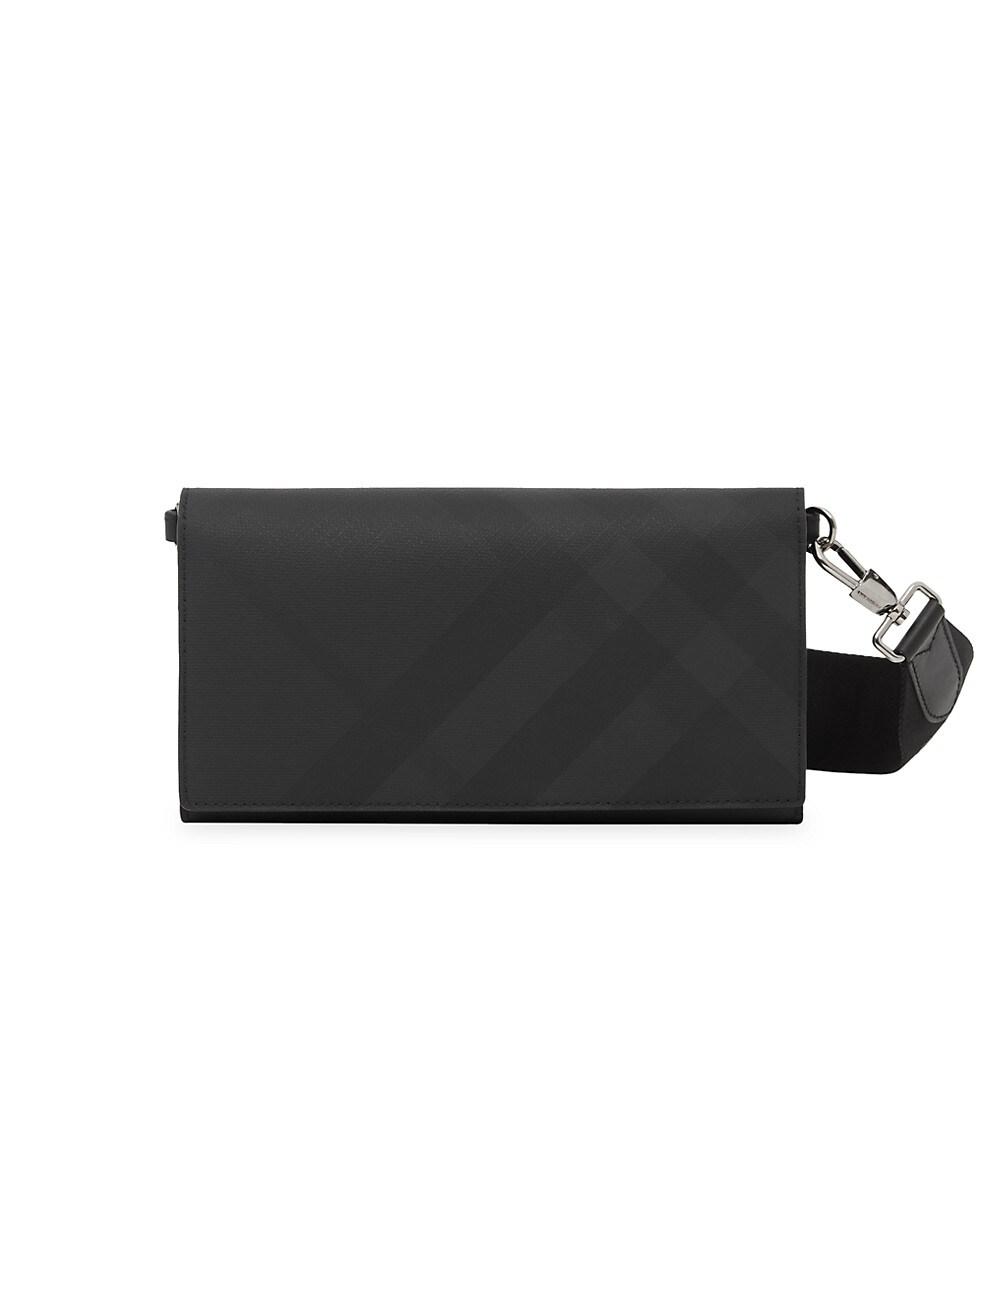 버버리 Burberry London Check Wallet with Detachable Strap,DARK CHARCOAL